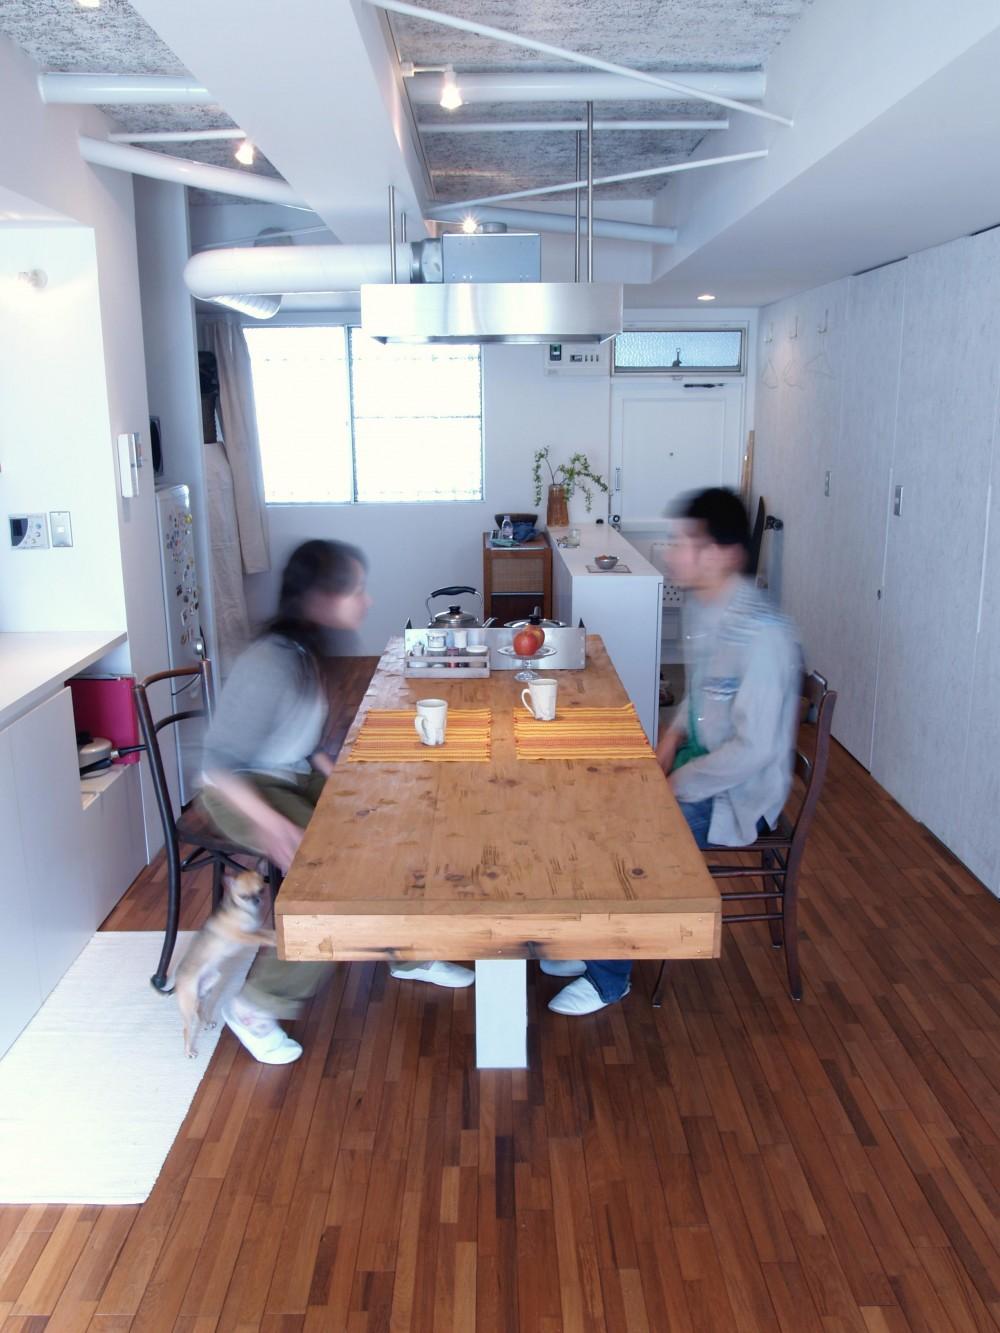 BBQスタイルのキッチンとインナーテラス (フローリングのテーブルは存在感がある)